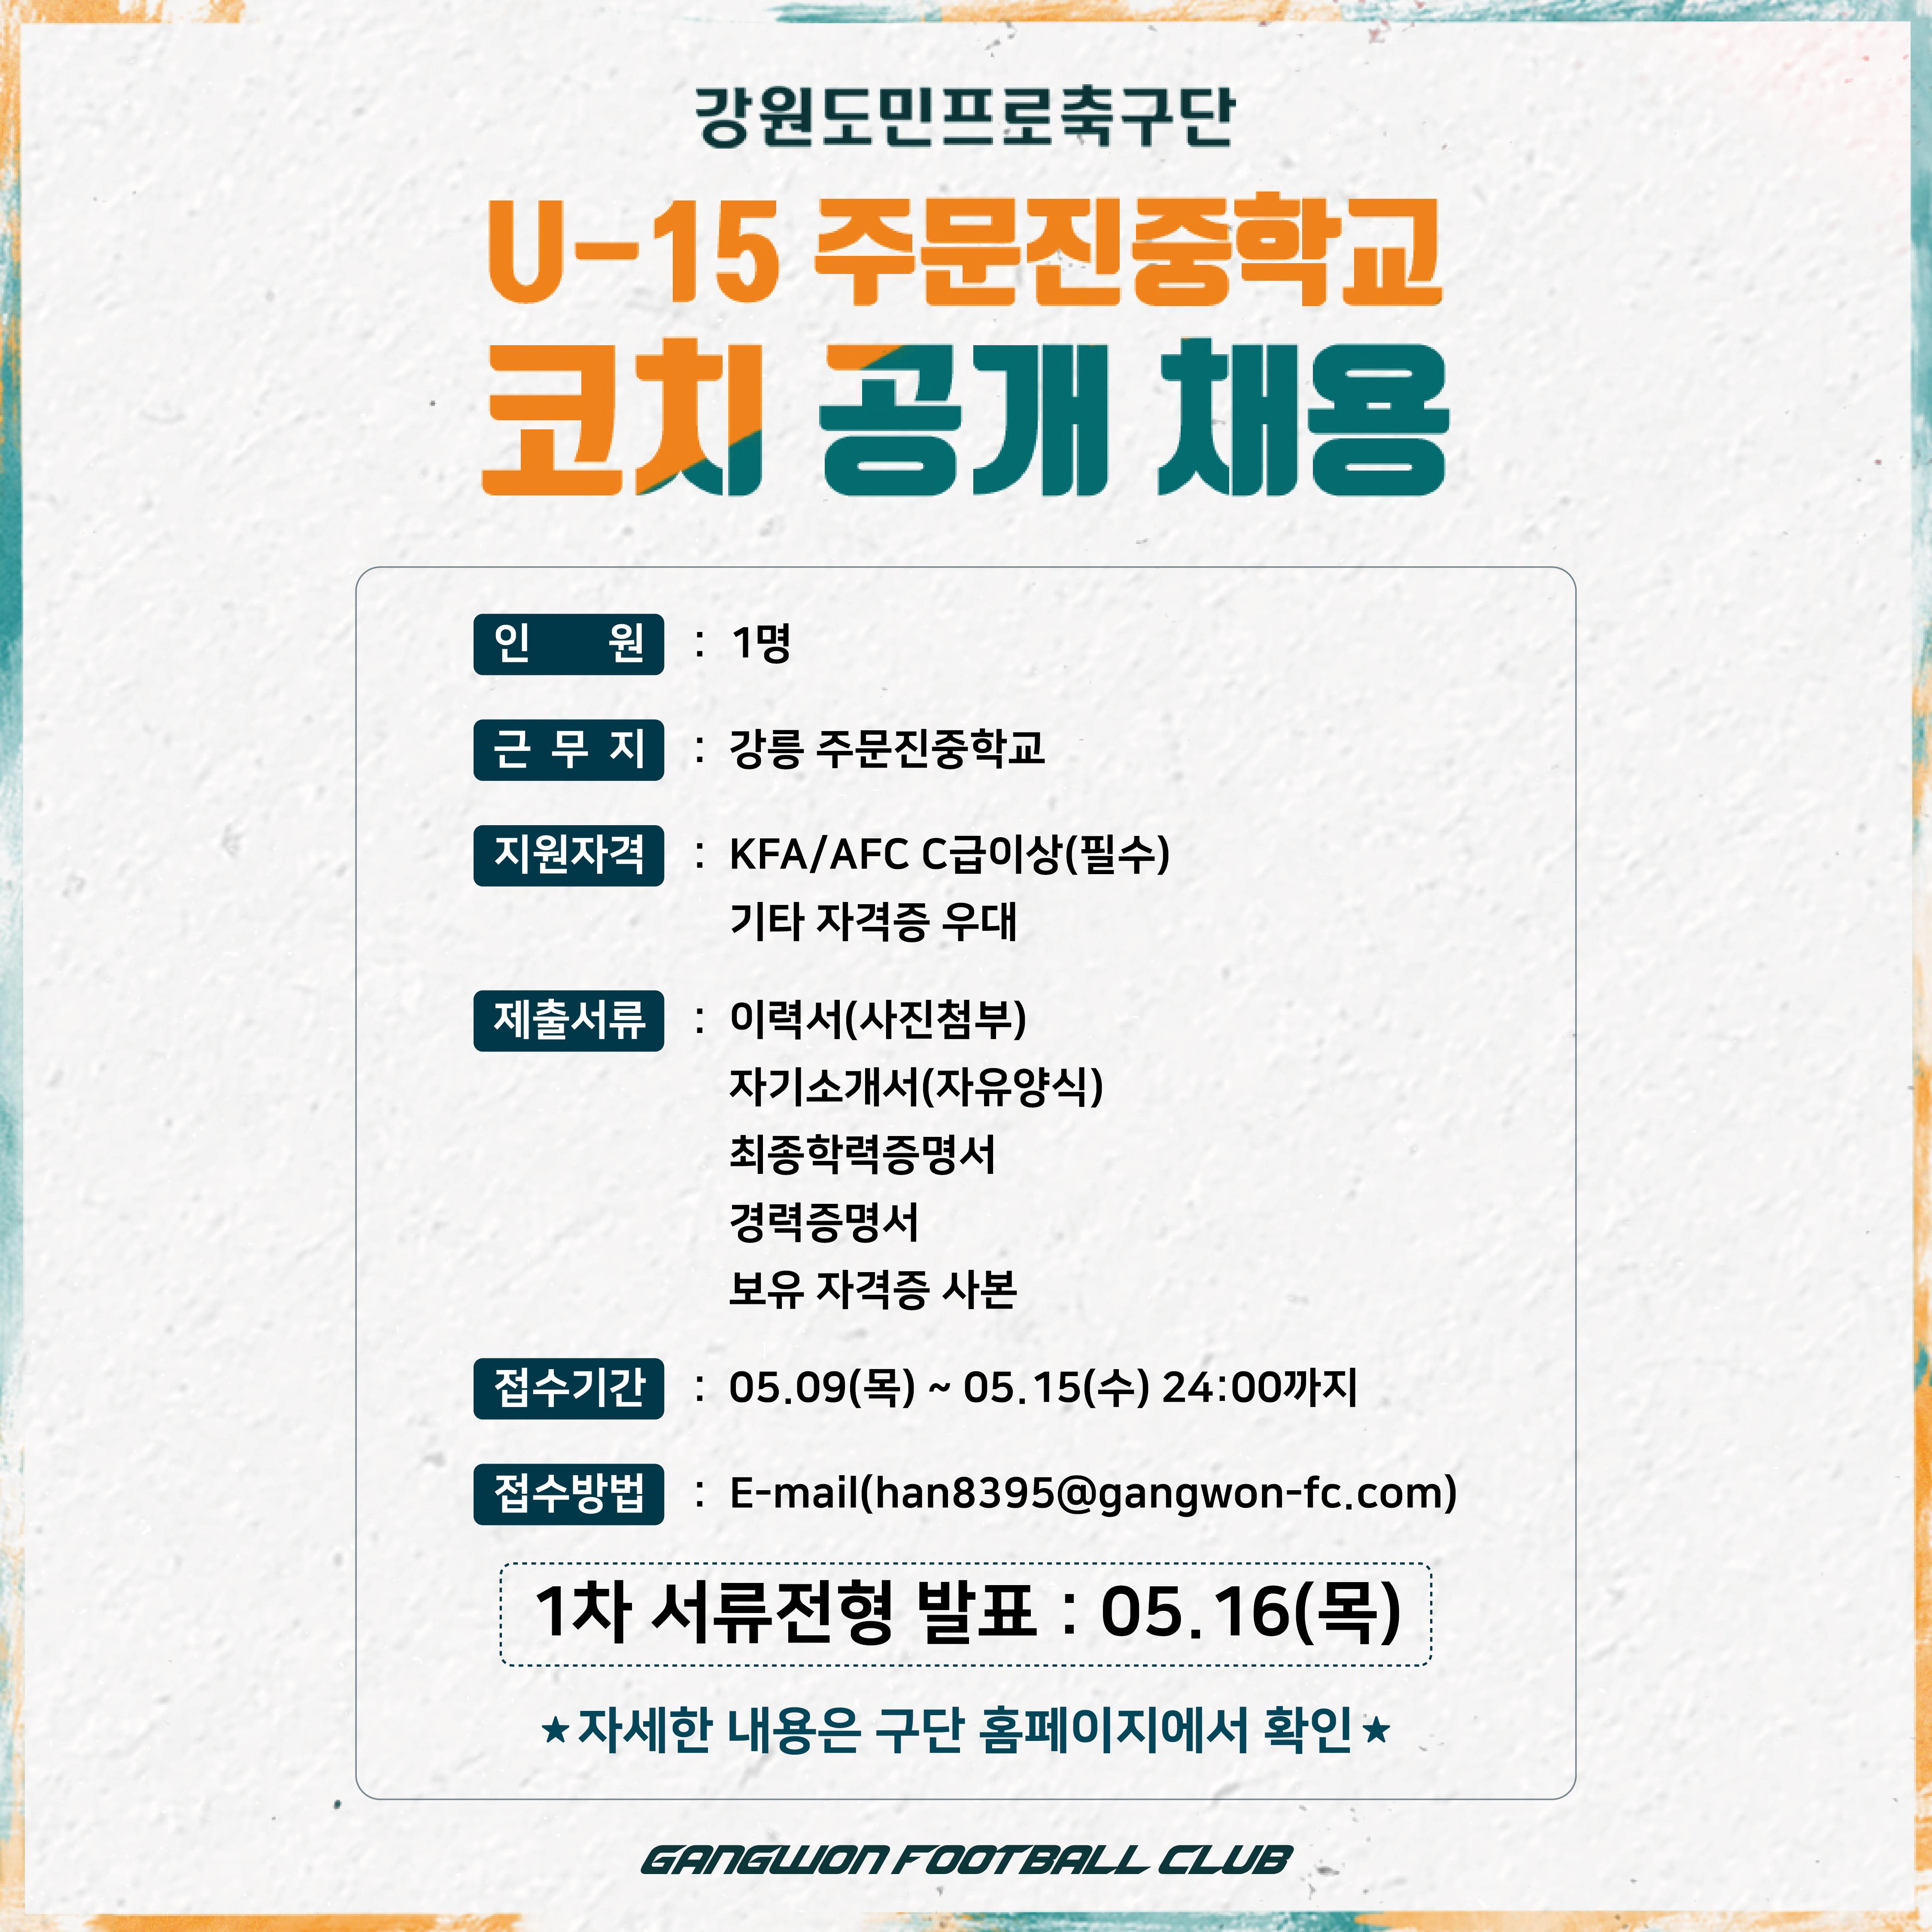 강원FC U-15 주문진중학교 코치 채용 공고